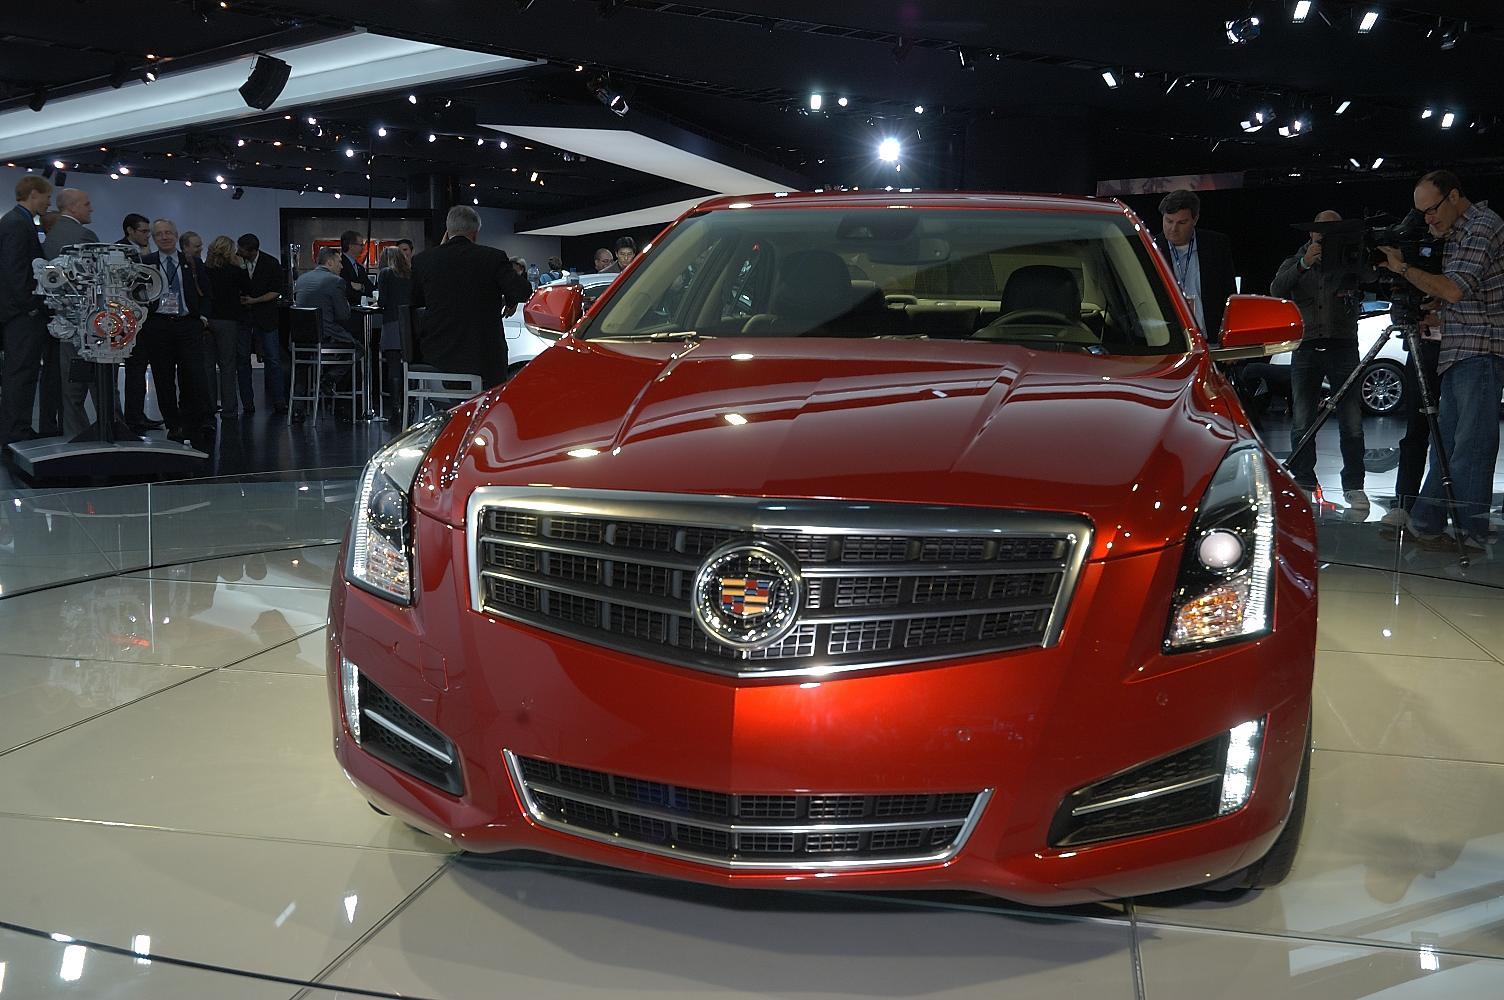 Cadillac ATS NAIAS 2012 4